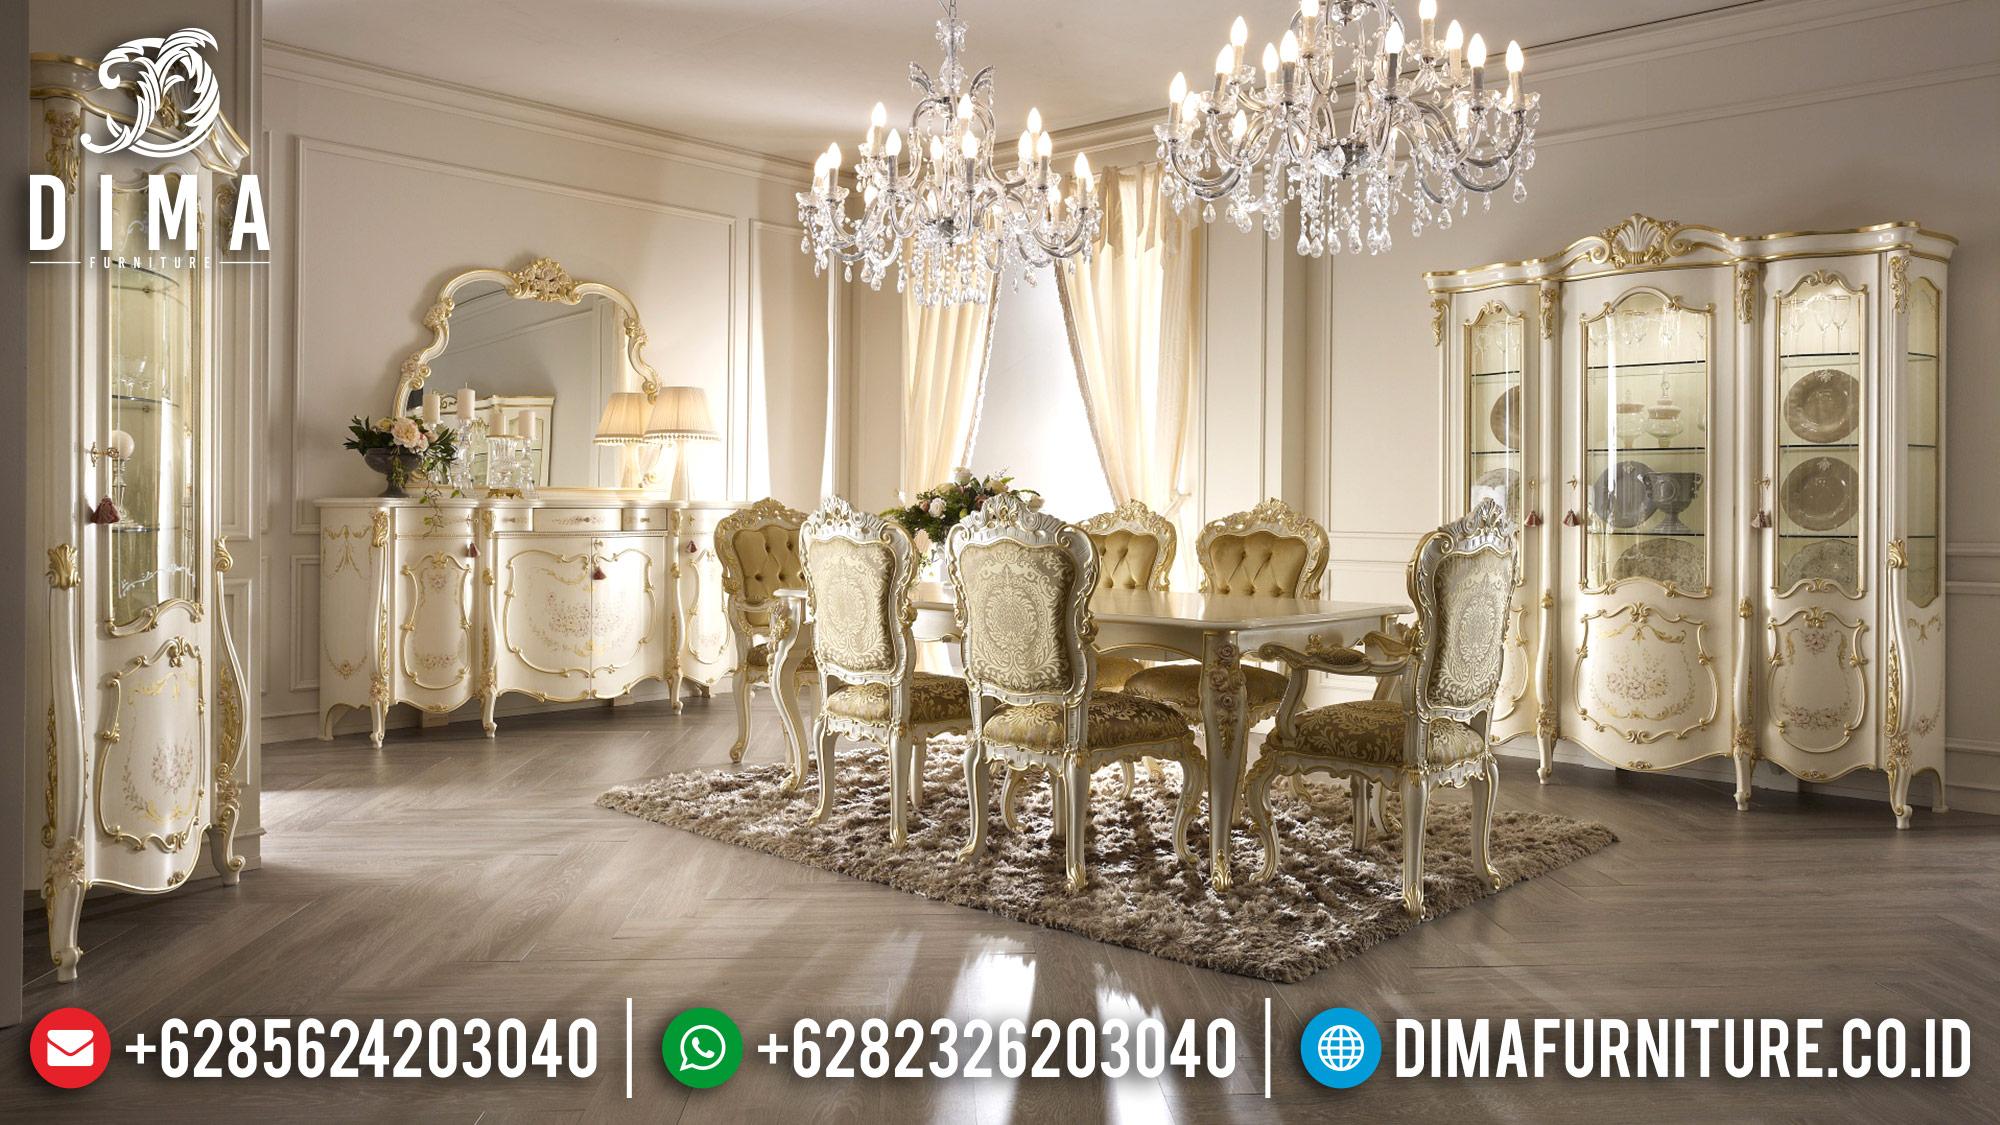 Meja Makan Mewah Jepara Terbaru 2018 20 Dima Furniture Jepara